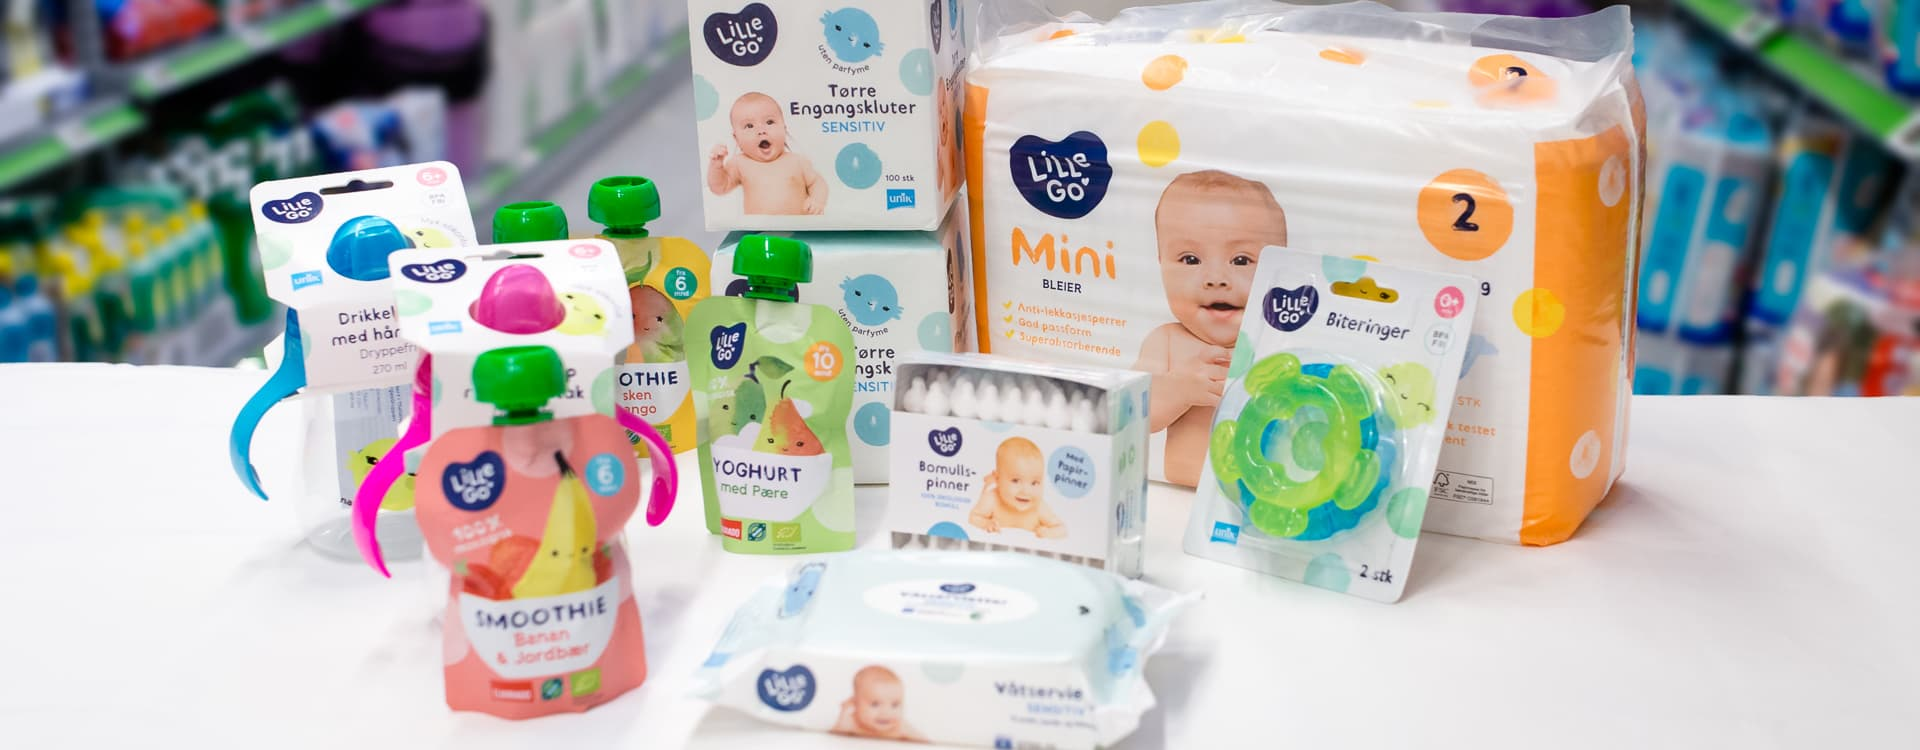 LilleGo'-serien inneholder både bleier, stelleprodukter, babyprodukter og klemmeposer.